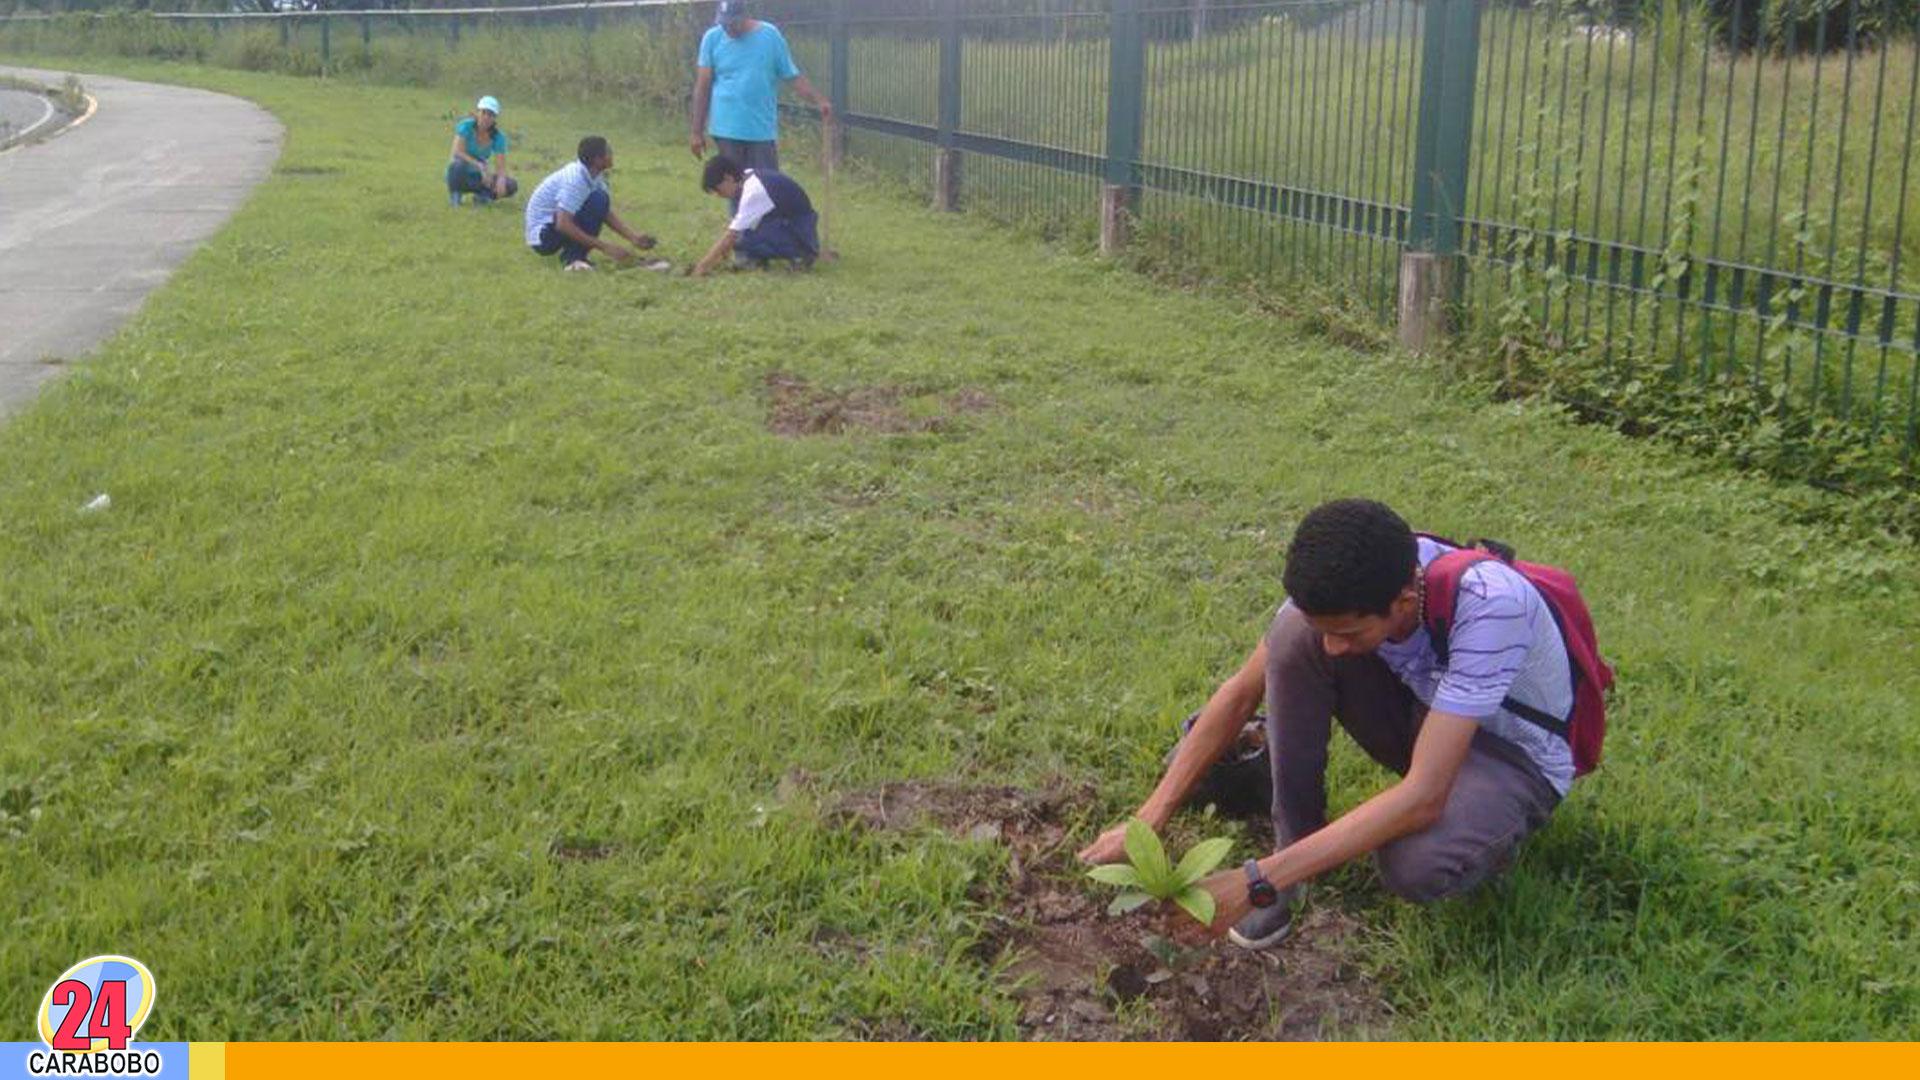 Noticias en Carabobo, Noticias de Carabobo, Noticias24Carabobo, Noticias Hoy, Parque Recreacional Sur, Venezuela, Valencia, 19Nov, 19 de Noviembre